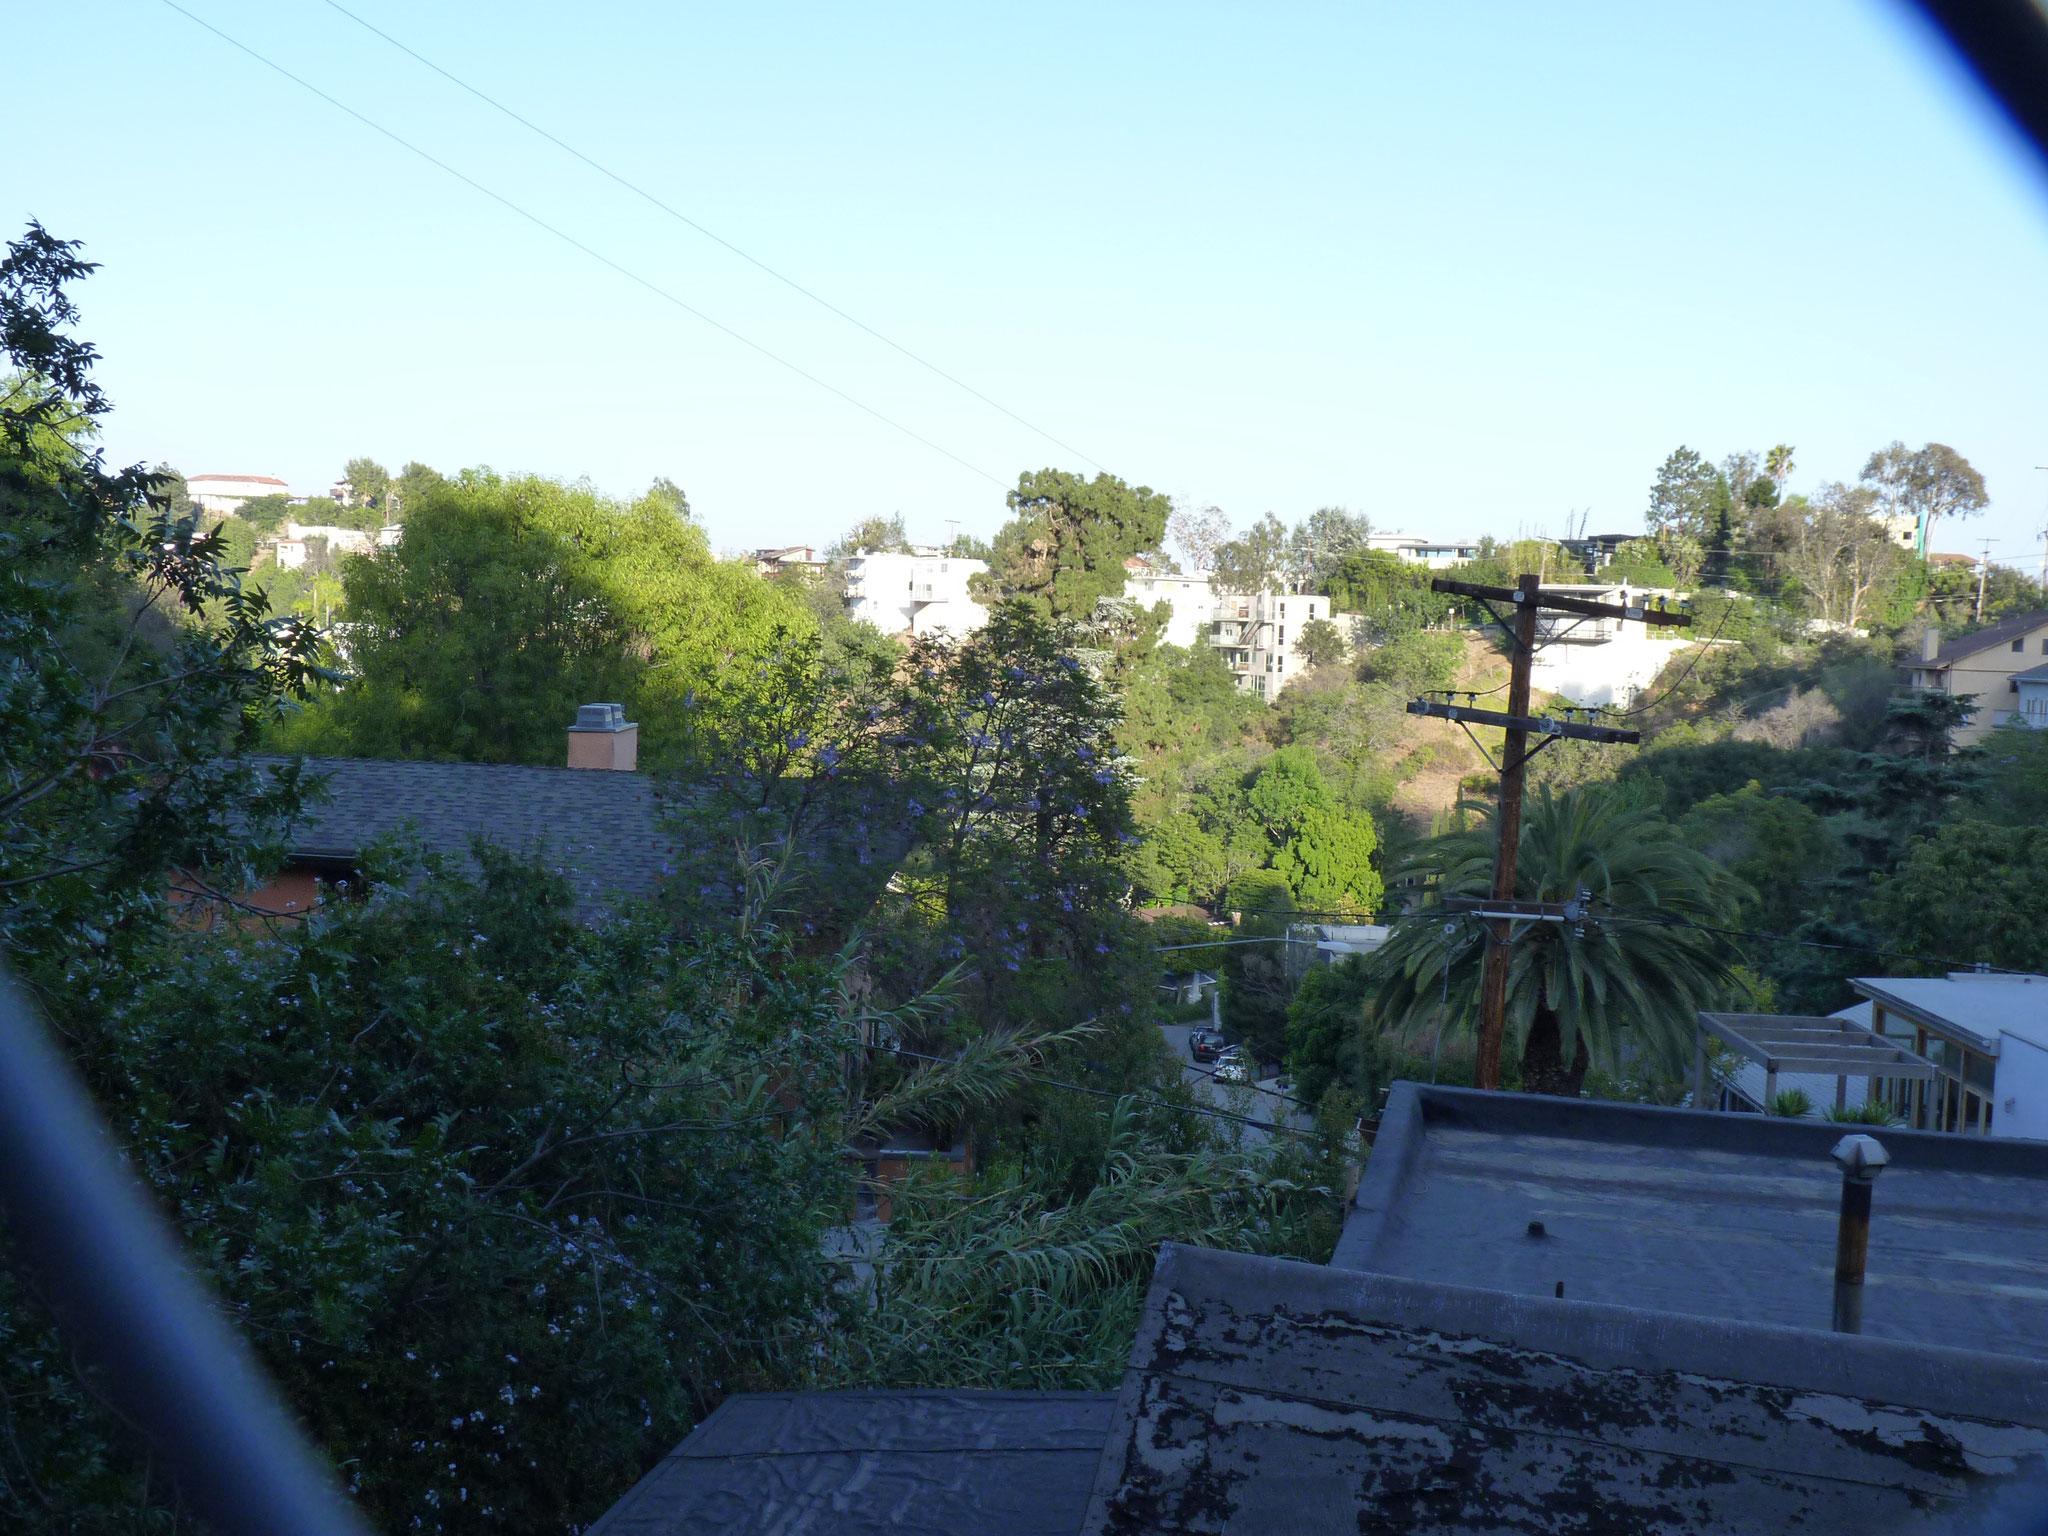 Résidences dans les hauteurs de Laurel Canyon